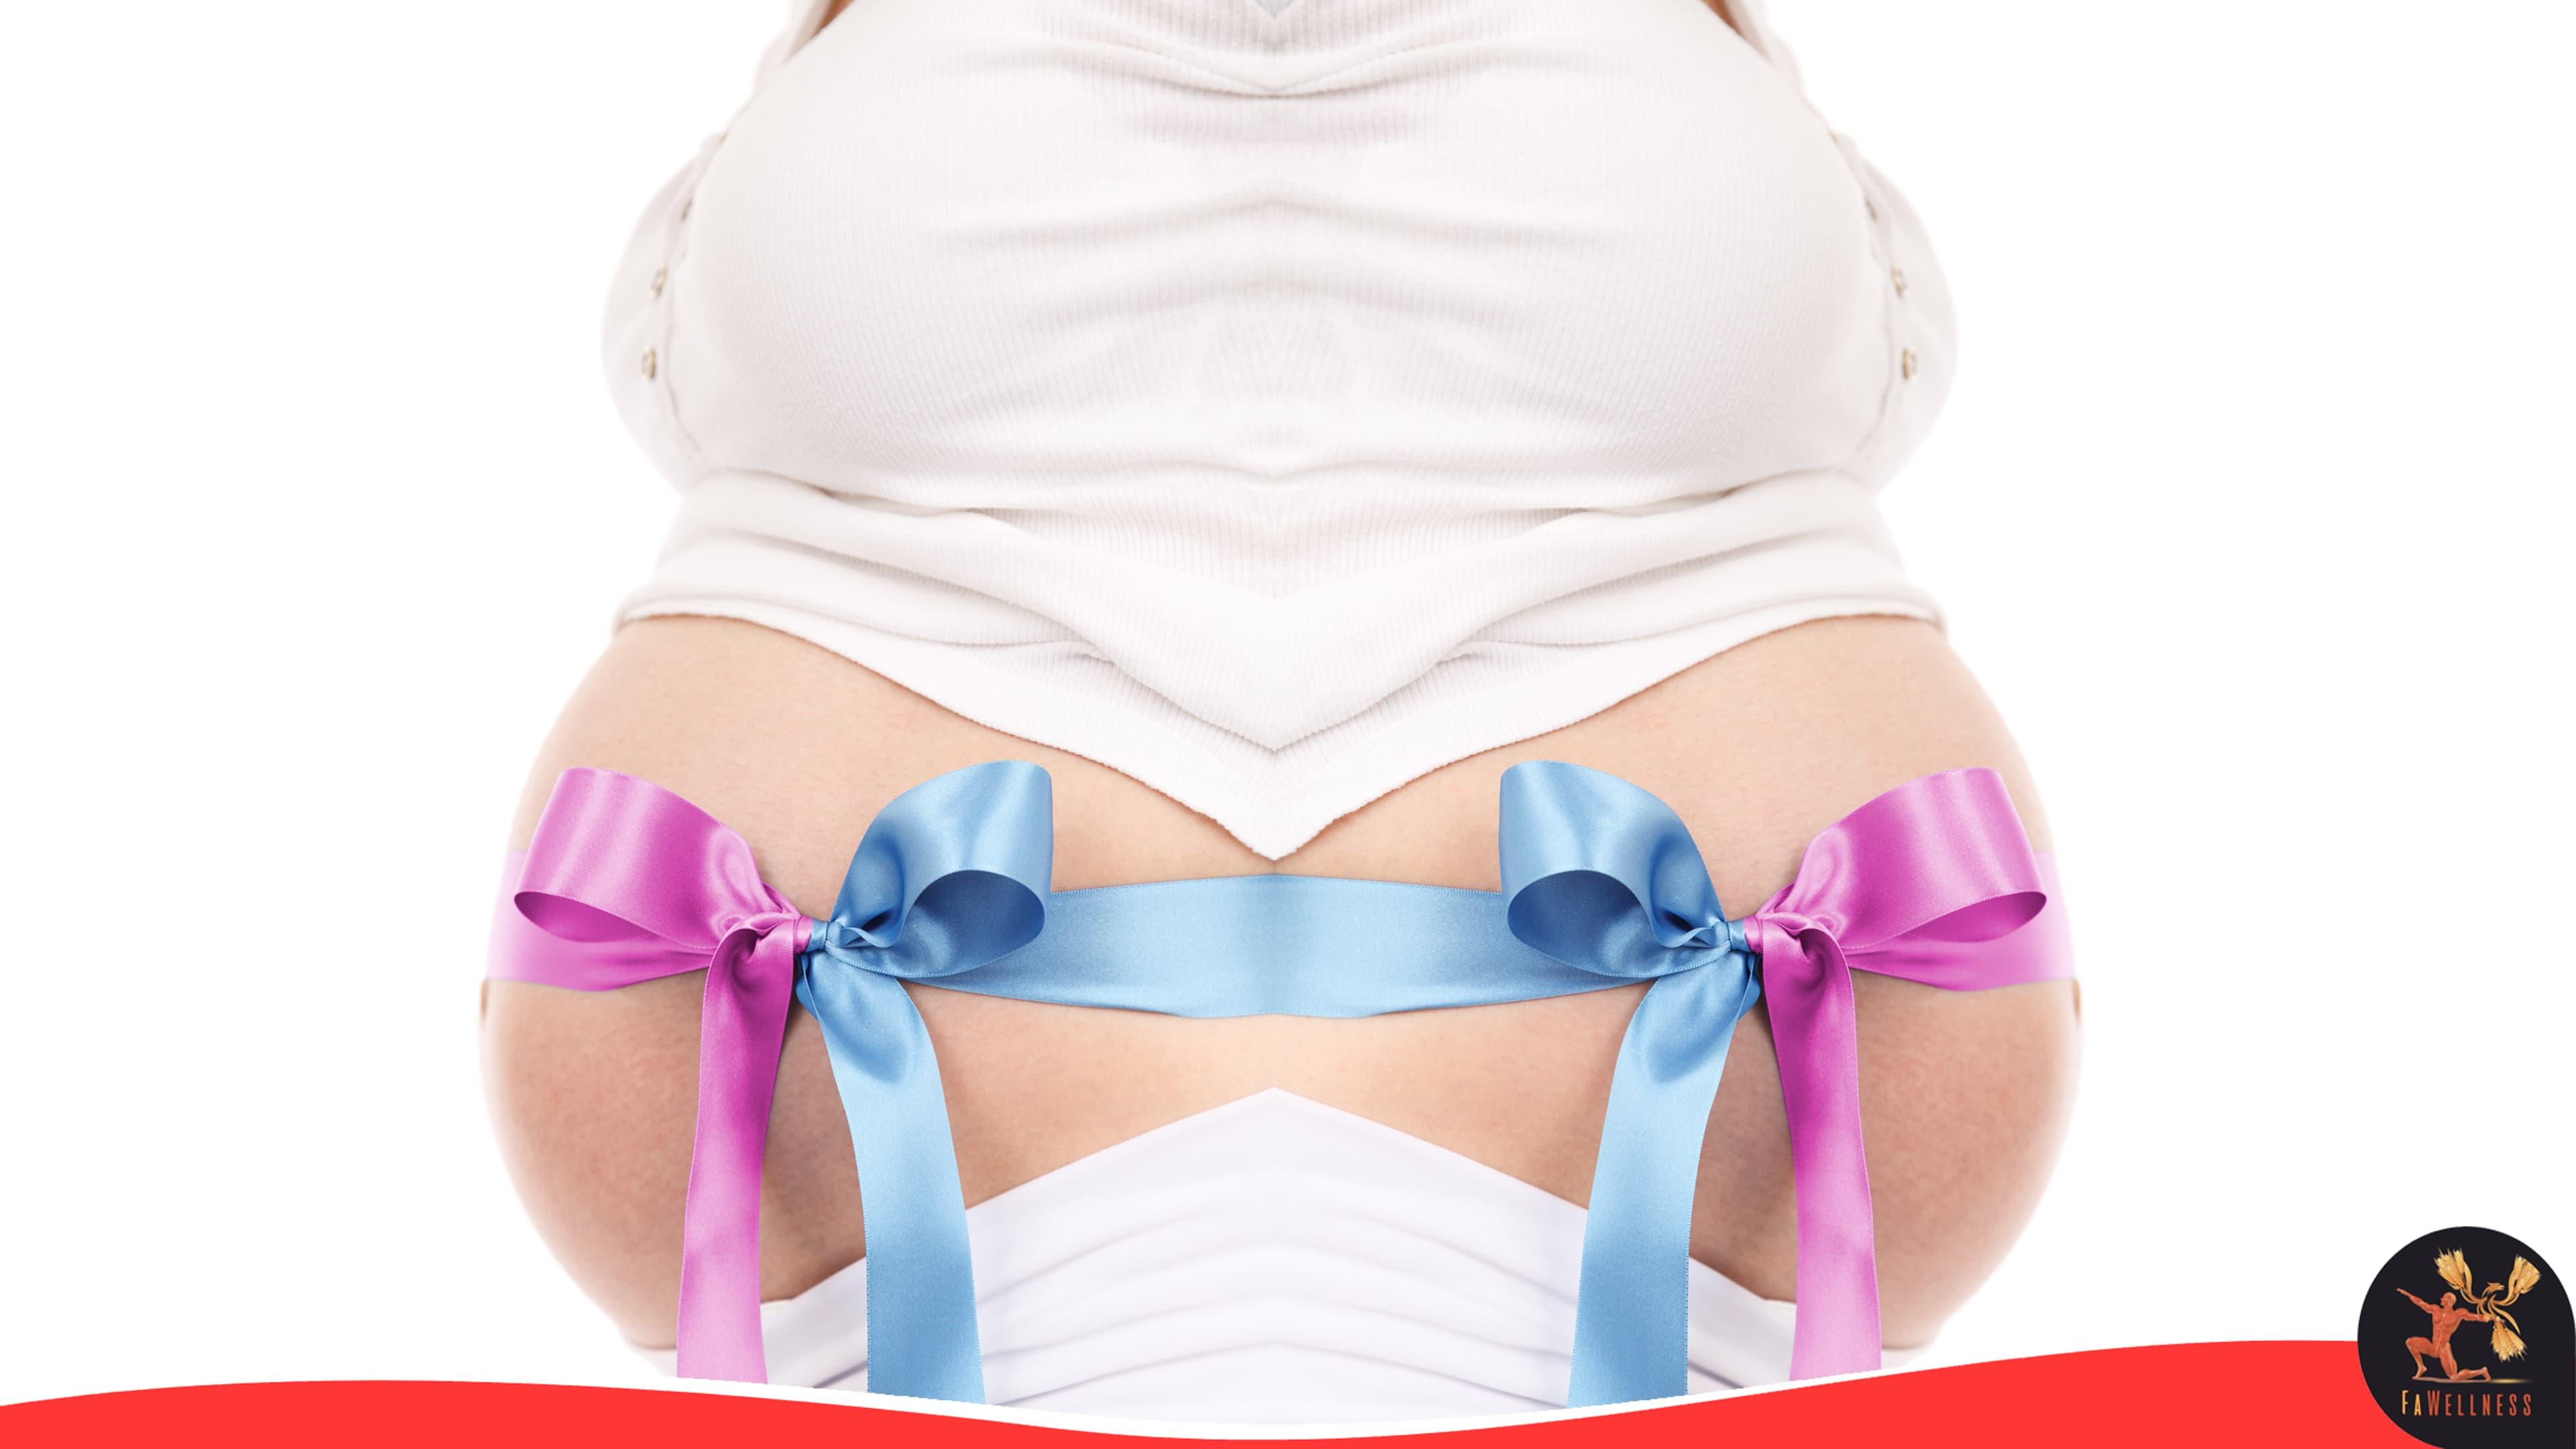 imagen blog FaWellness | Cambios físicos y emocionales en la mujer embarazada